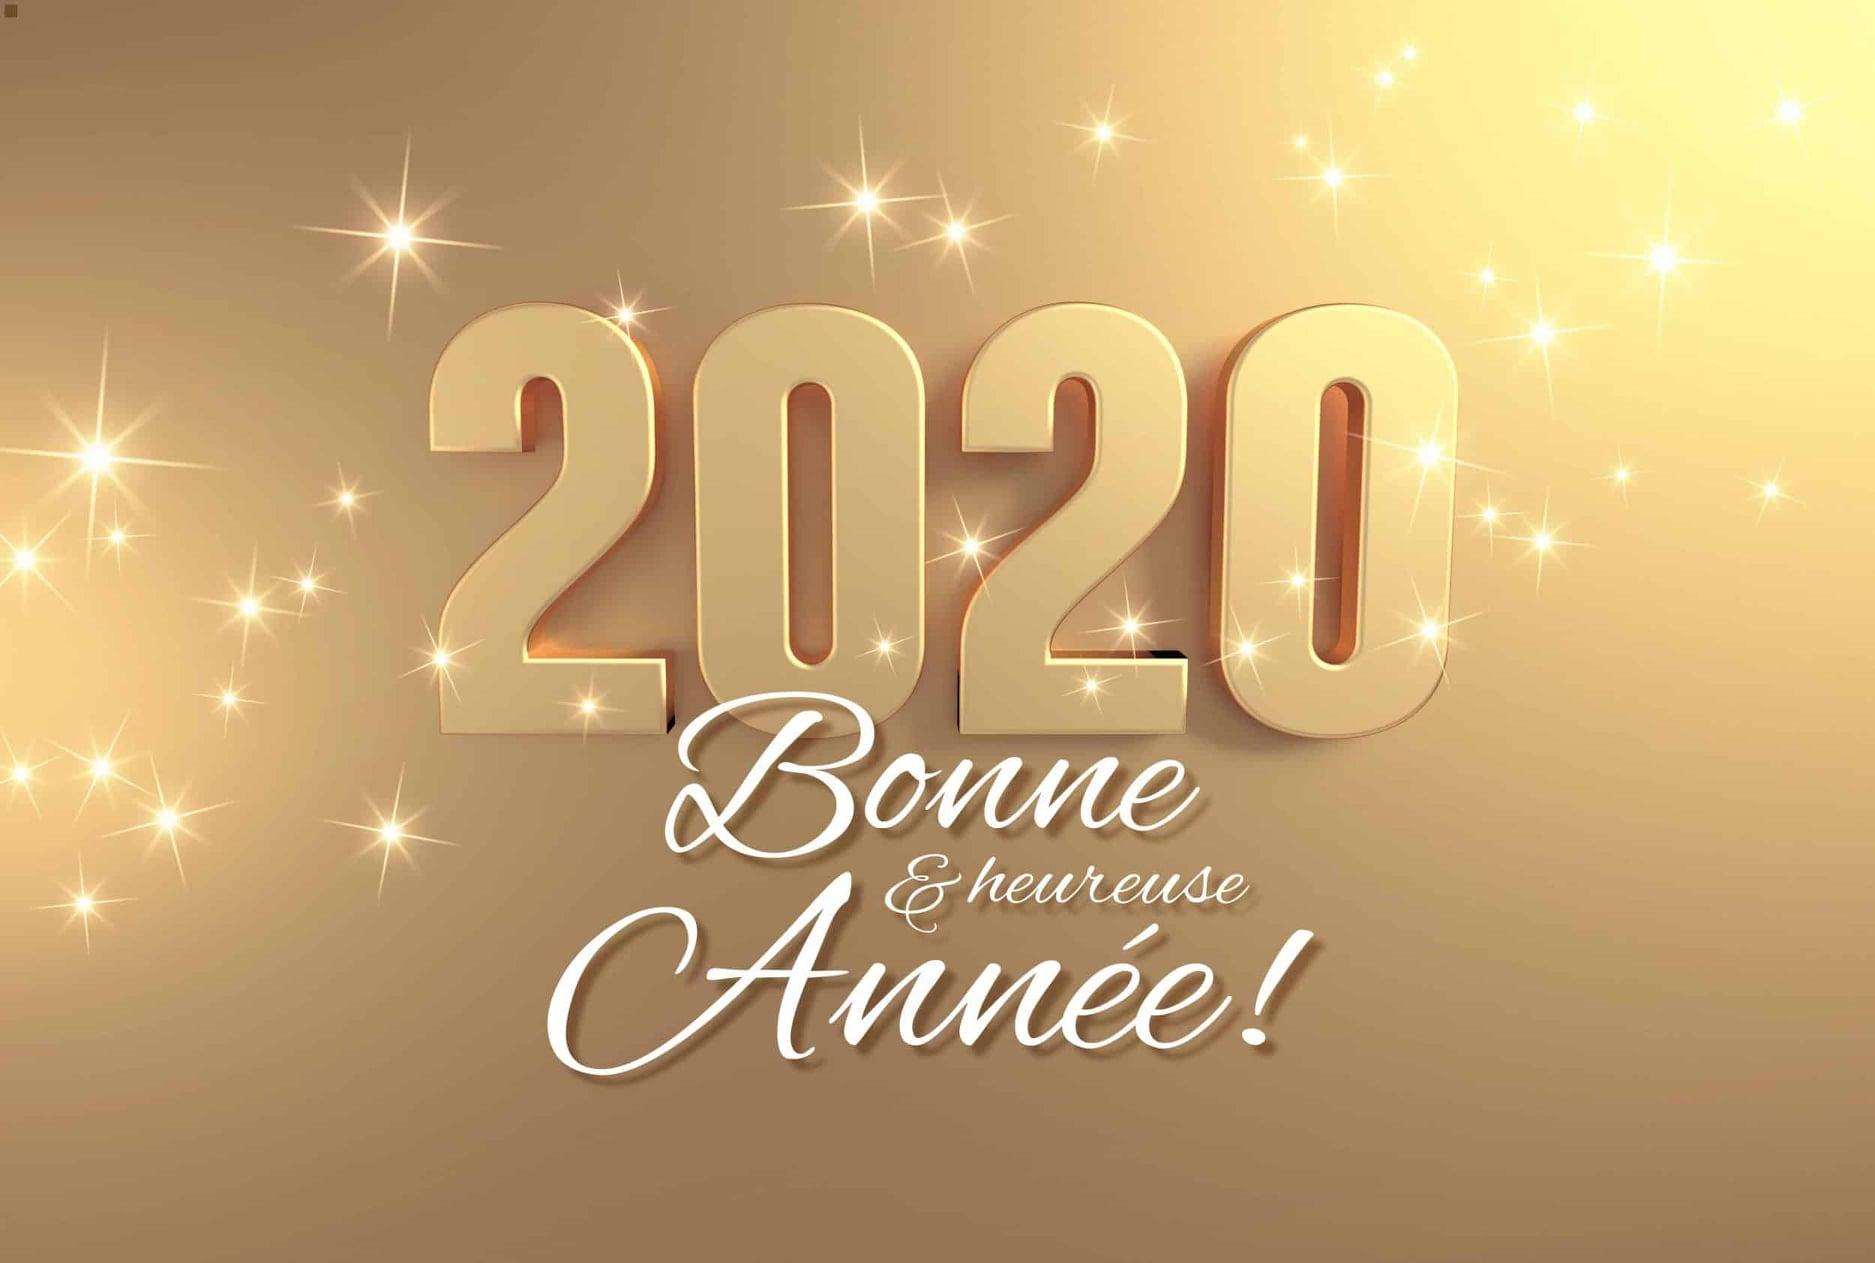 Meilleurs voeux et reprise le 07/01/2020 pour Restaurant Le 4 Mulhouse